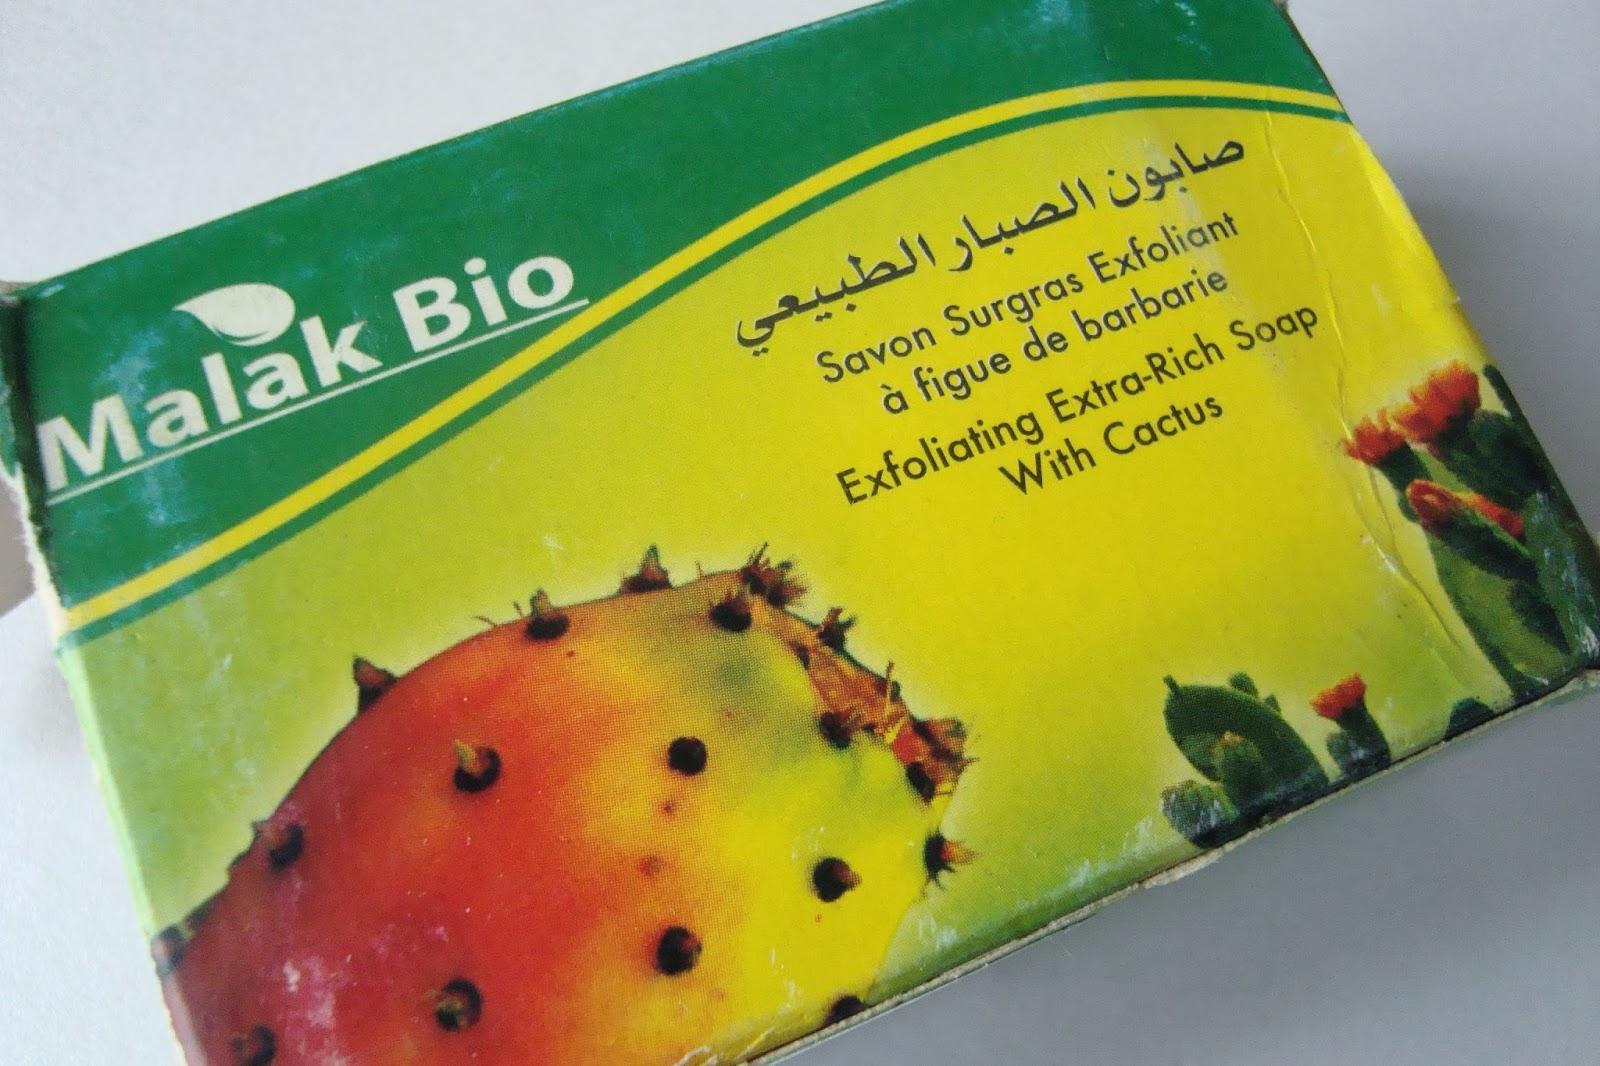 MALAK BIO Mydło z olejkiem z opuncji figowej